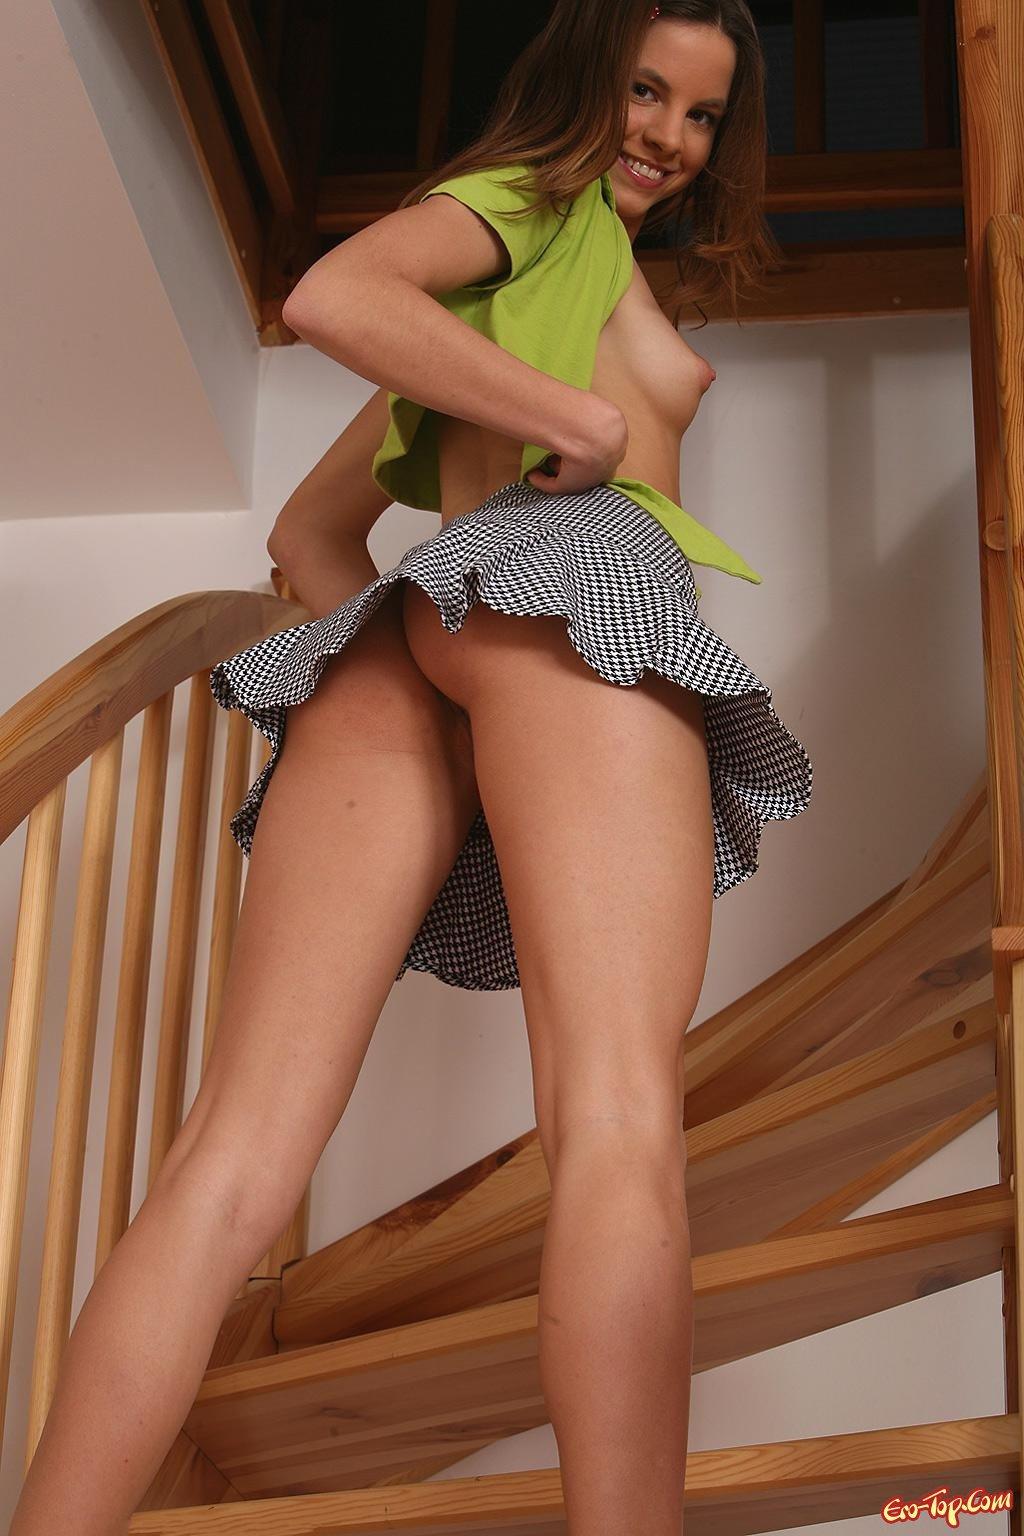 Девушка задрала юбку фото — pic 6